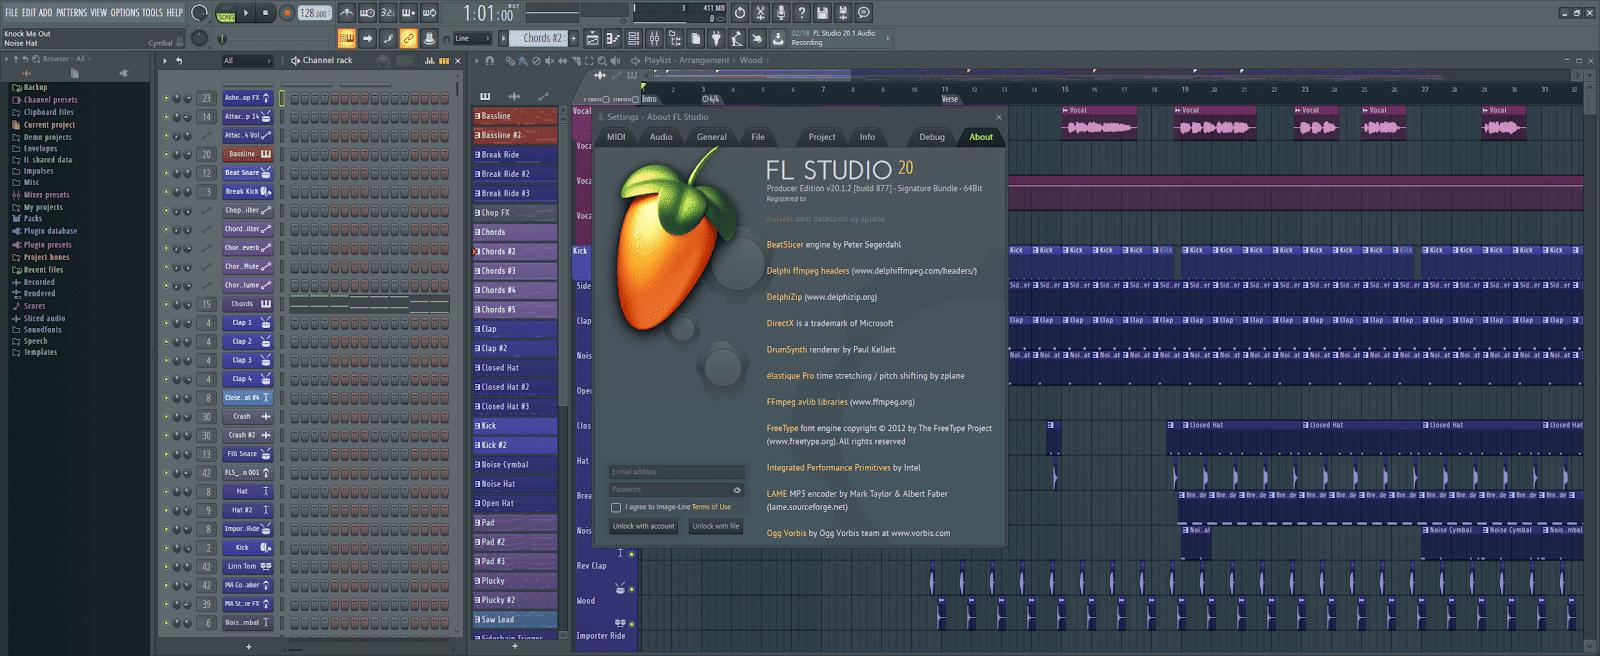 FL Studio Producer Edition v20.1.2.877 Full version